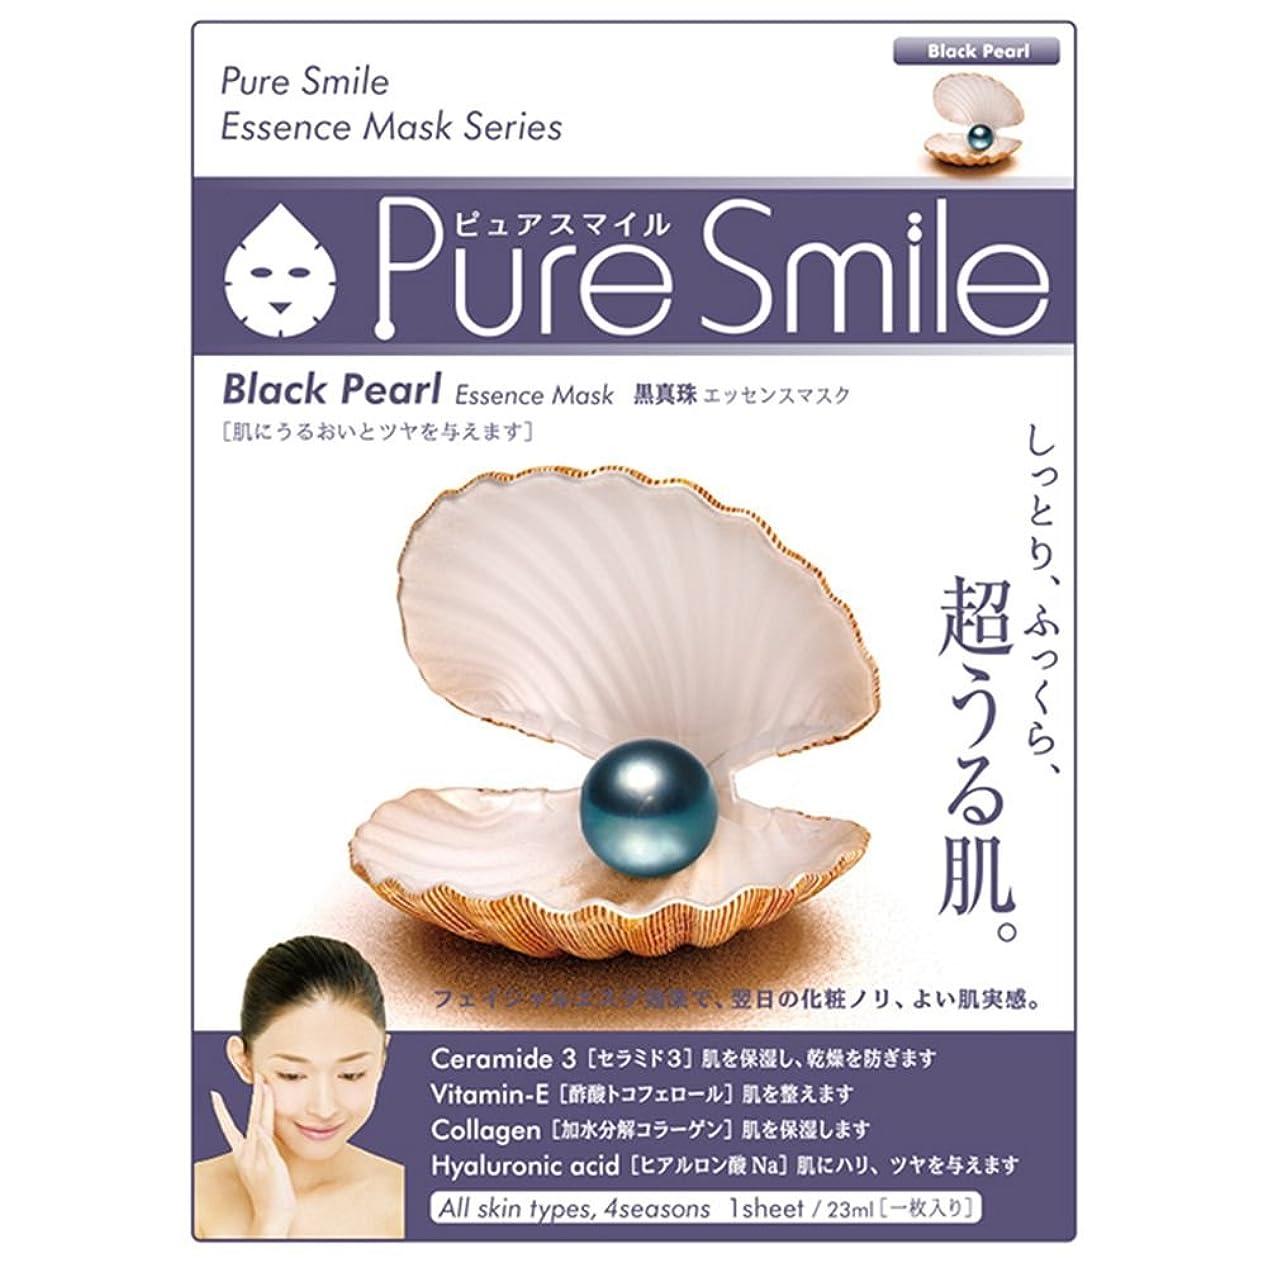 妻仮説ゴムPure Smile(ピュアスマイル) 乳液エッセンスマスク 1 枚 黒真珠